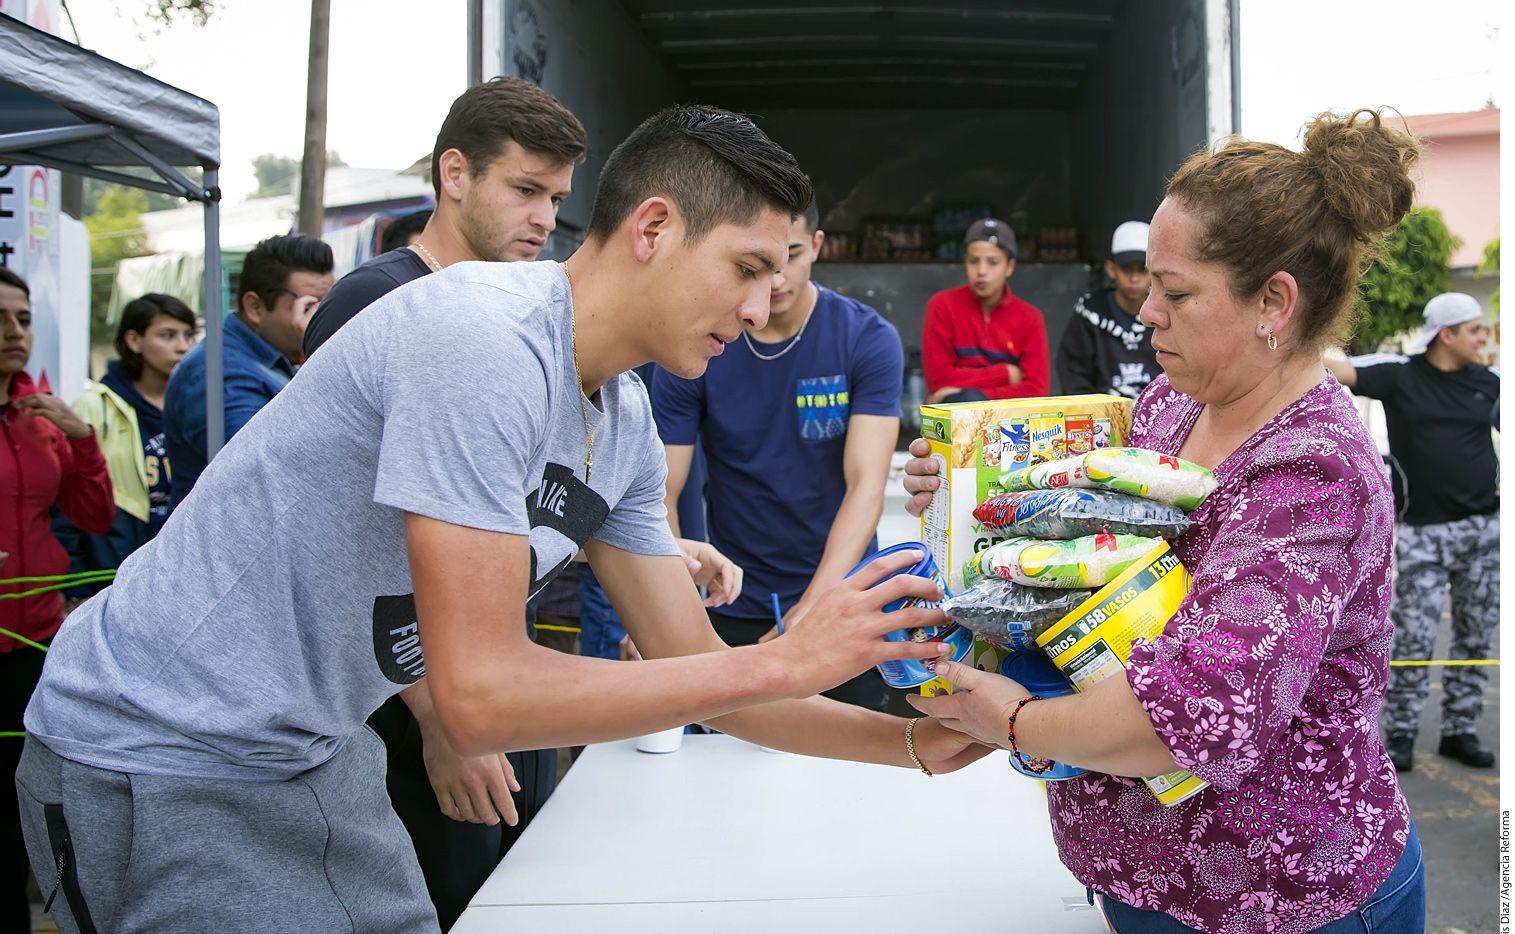 Los americanistas Edson Álvarez y Alejandro Díaz (gris) dejaron los colores de lado y sumaron esfuerzos al participar en una colecta de víveres para los damnificados por el sismo. /AGENCIA REFORMA